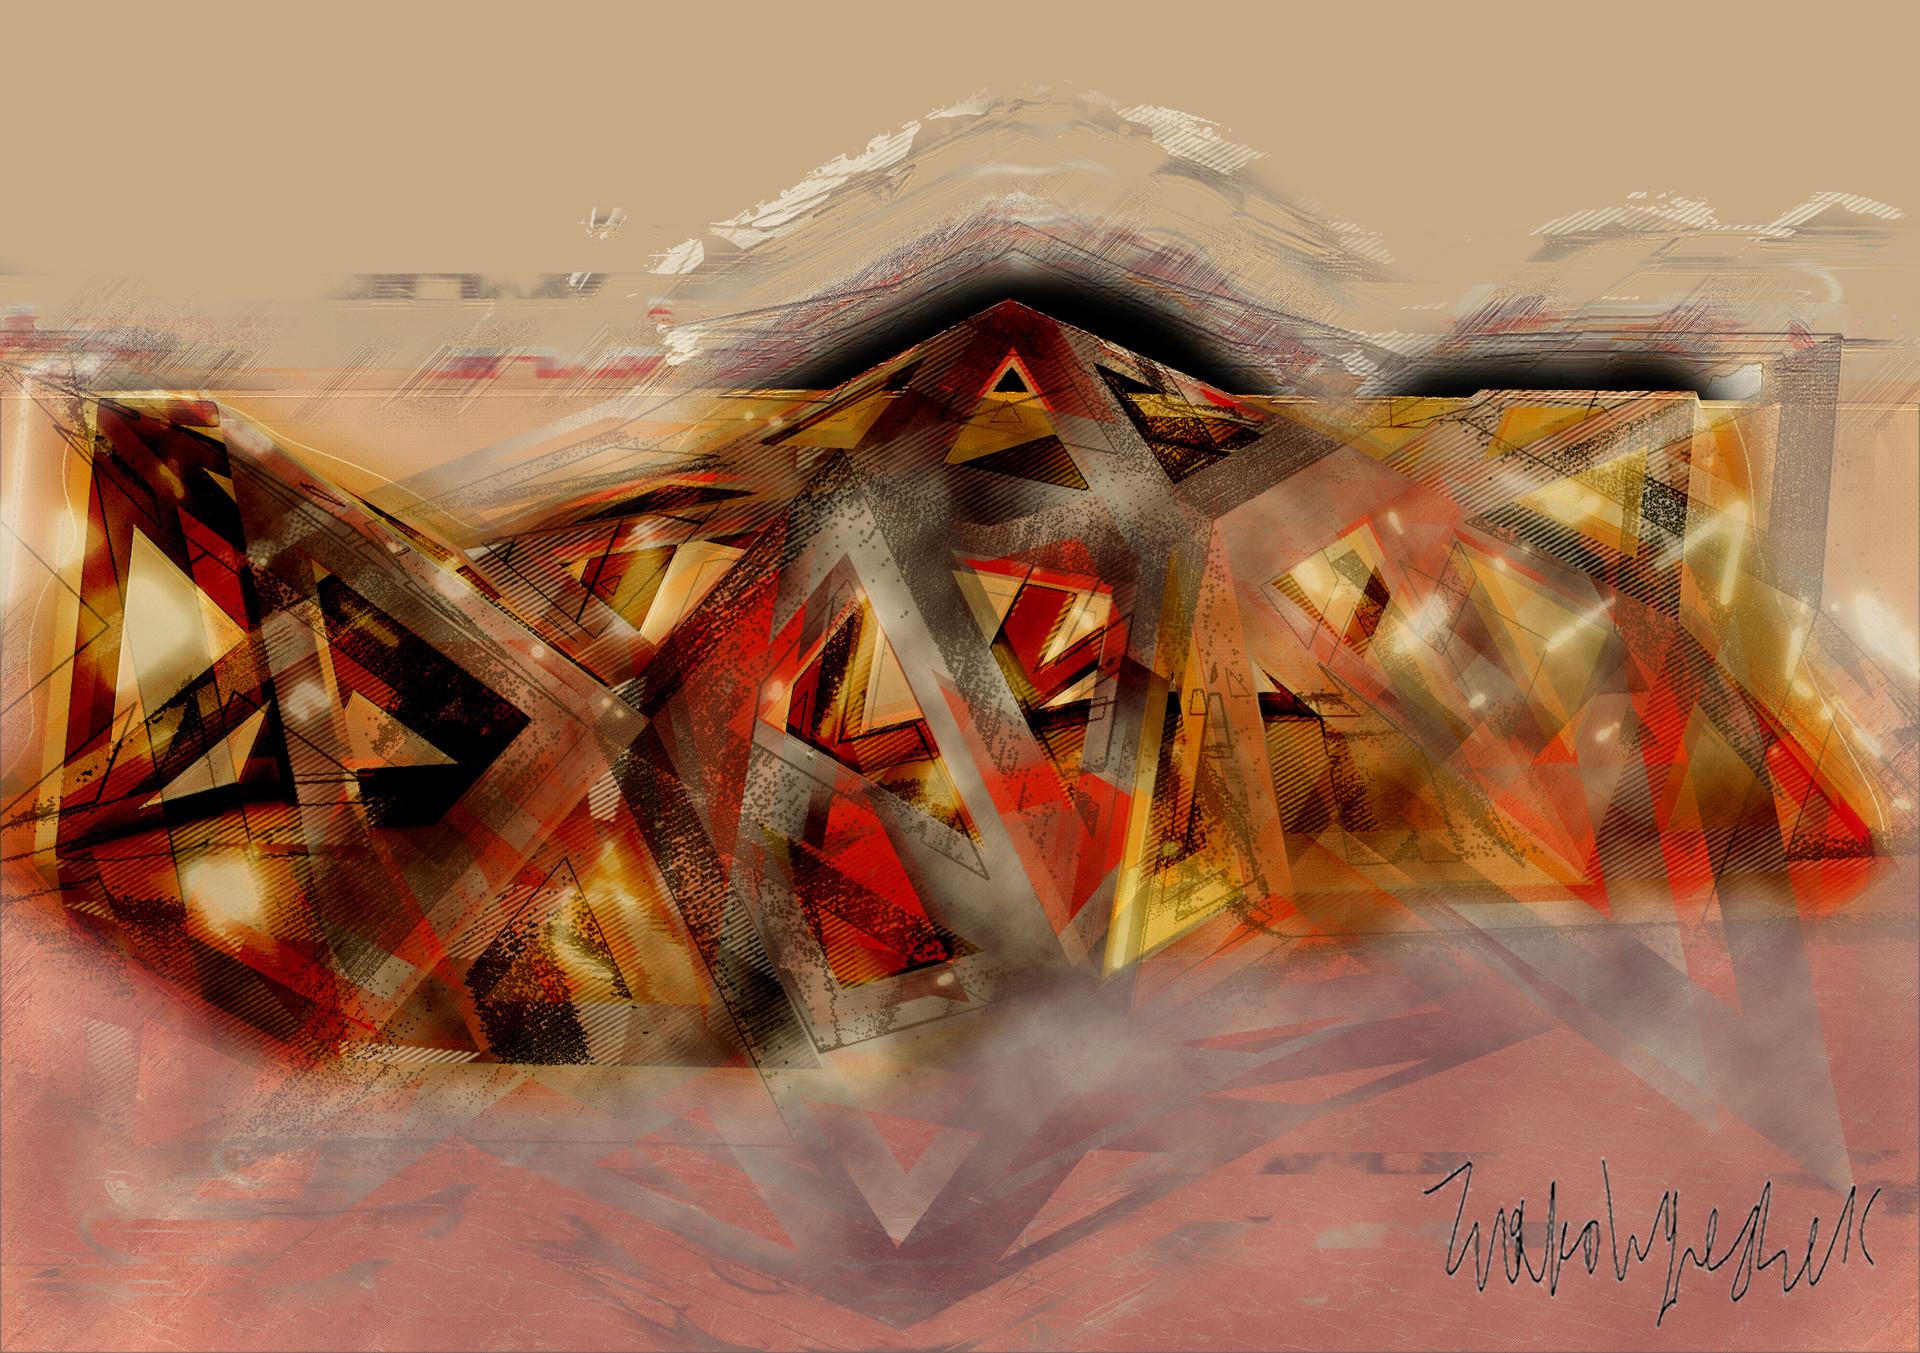 Zvonko vugreshek grafit